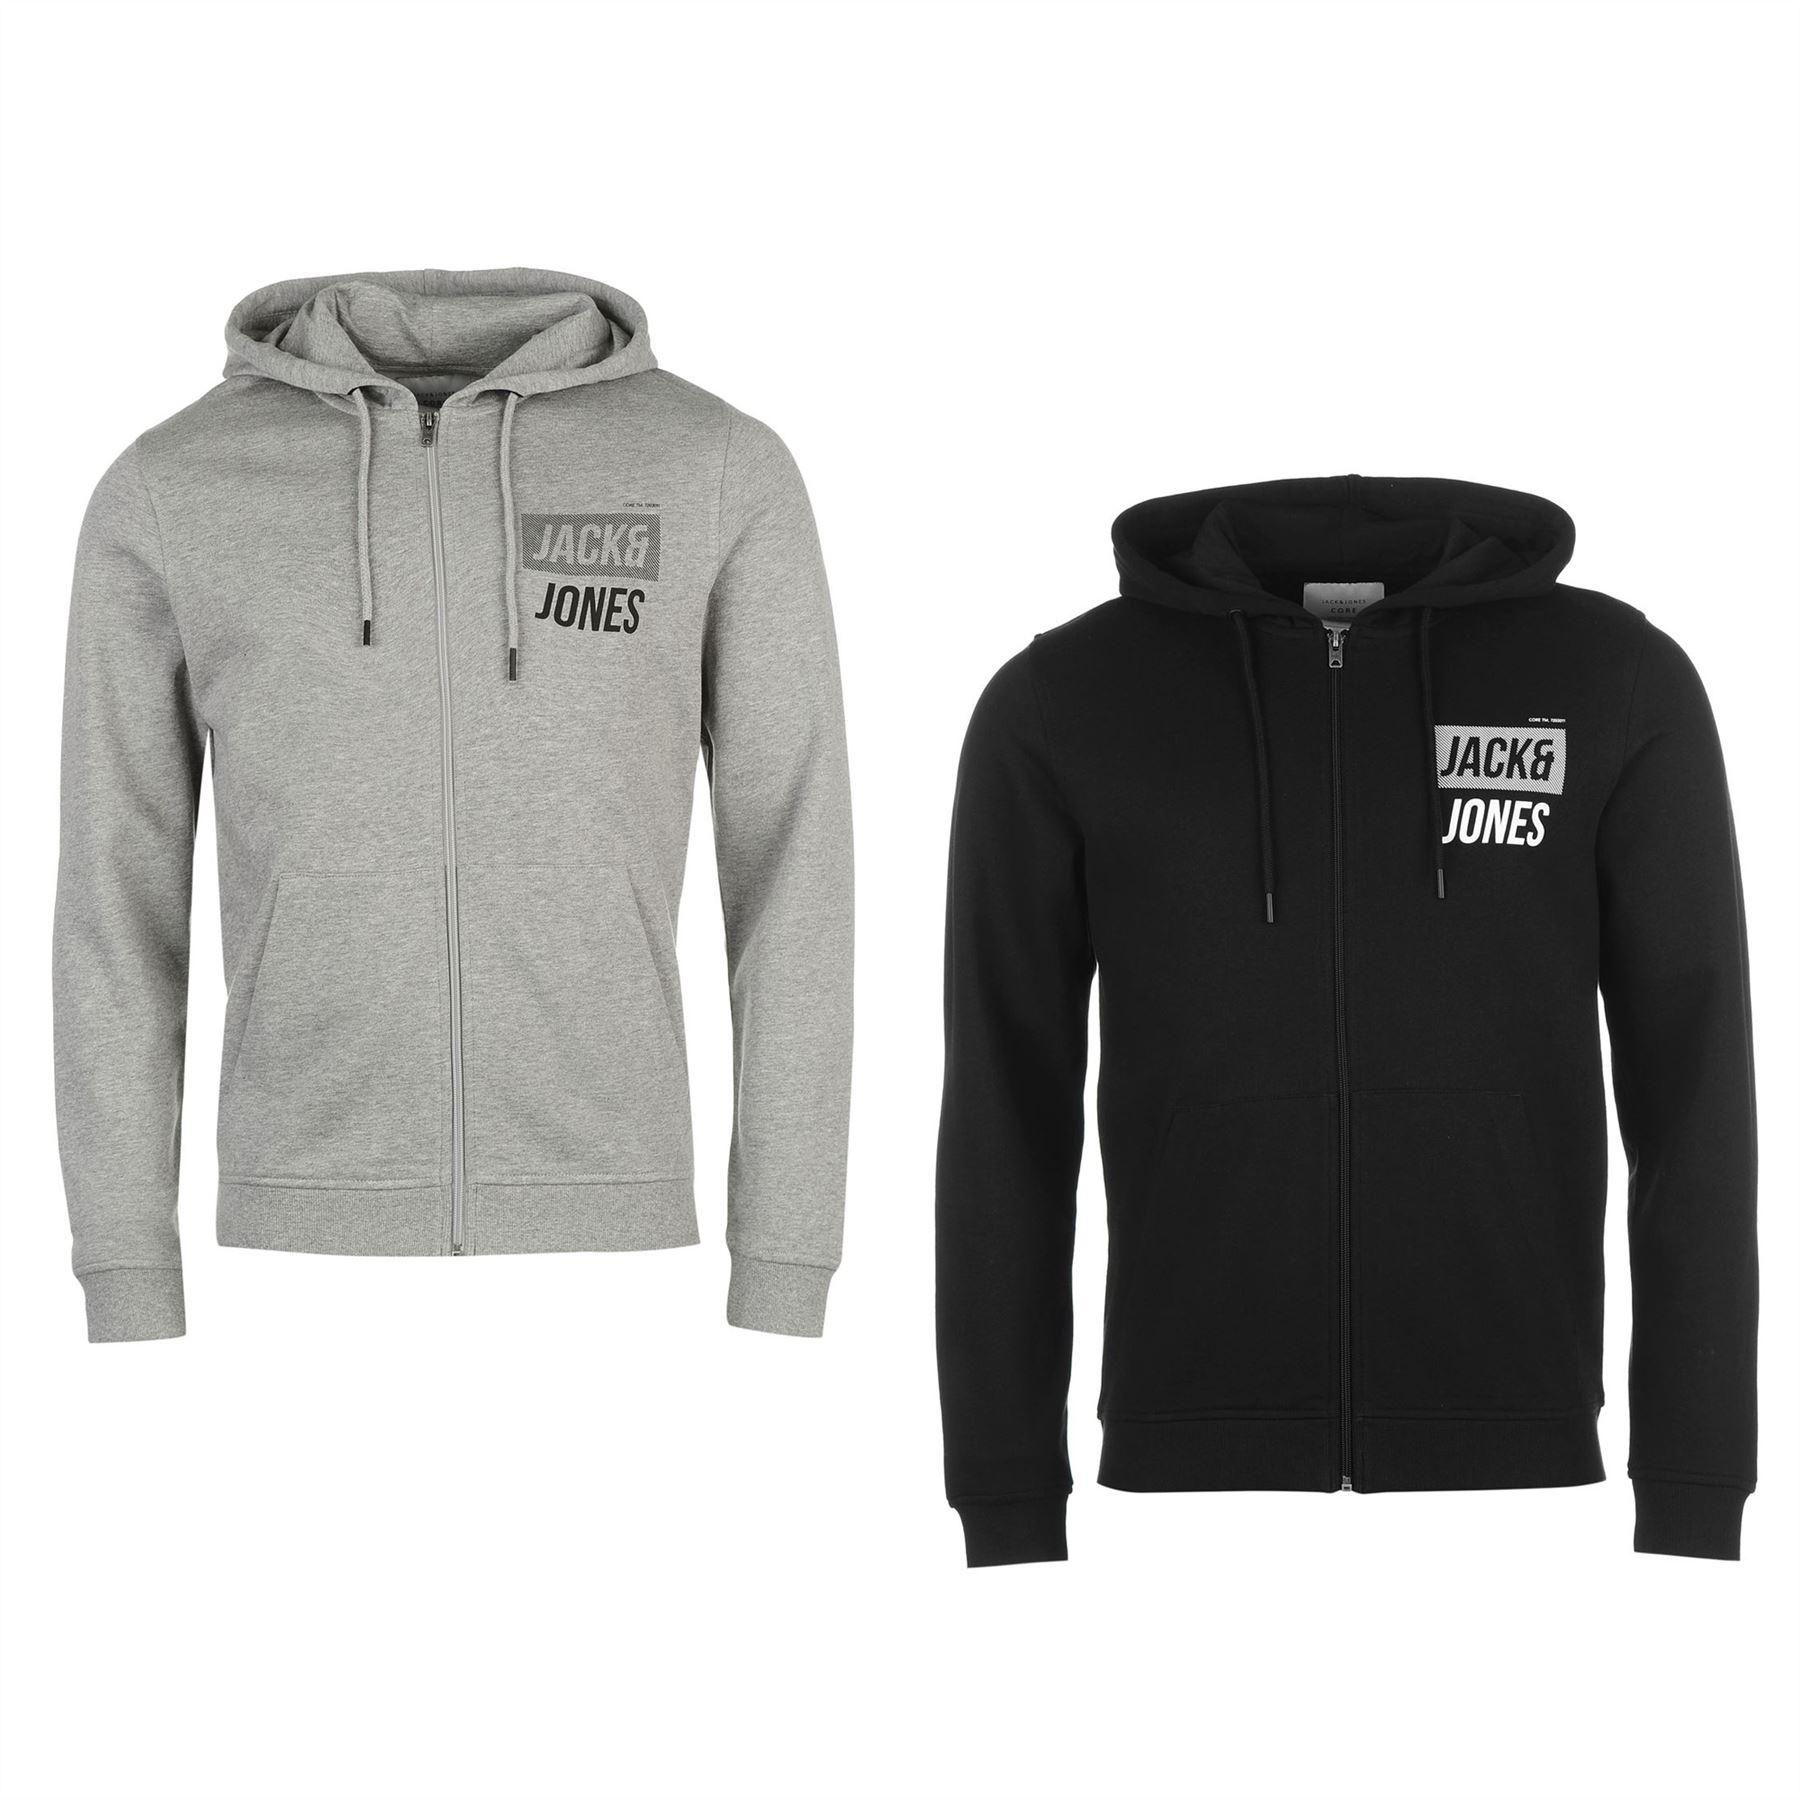 7afb483c4 Jack & Jones Core Identity Full Zip Hoody Jacket Mens Hoodie Sweatshirt  Sweater